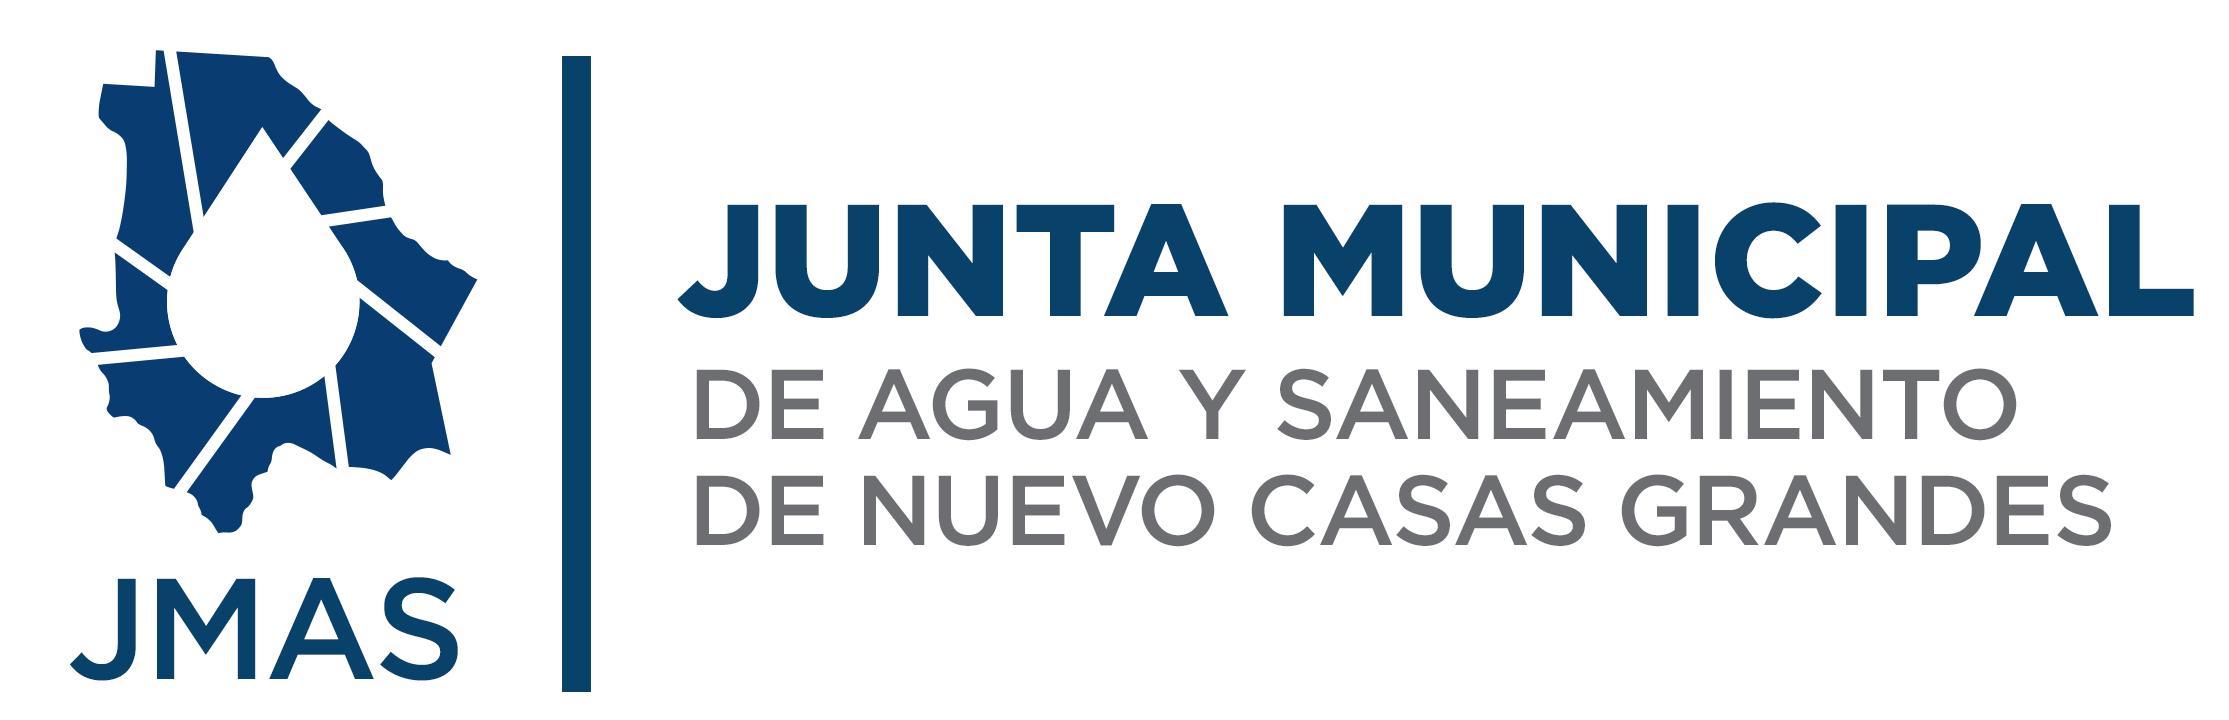 Junta Municipal de Agua y Saneamiento de Nuevo Casas Grandes